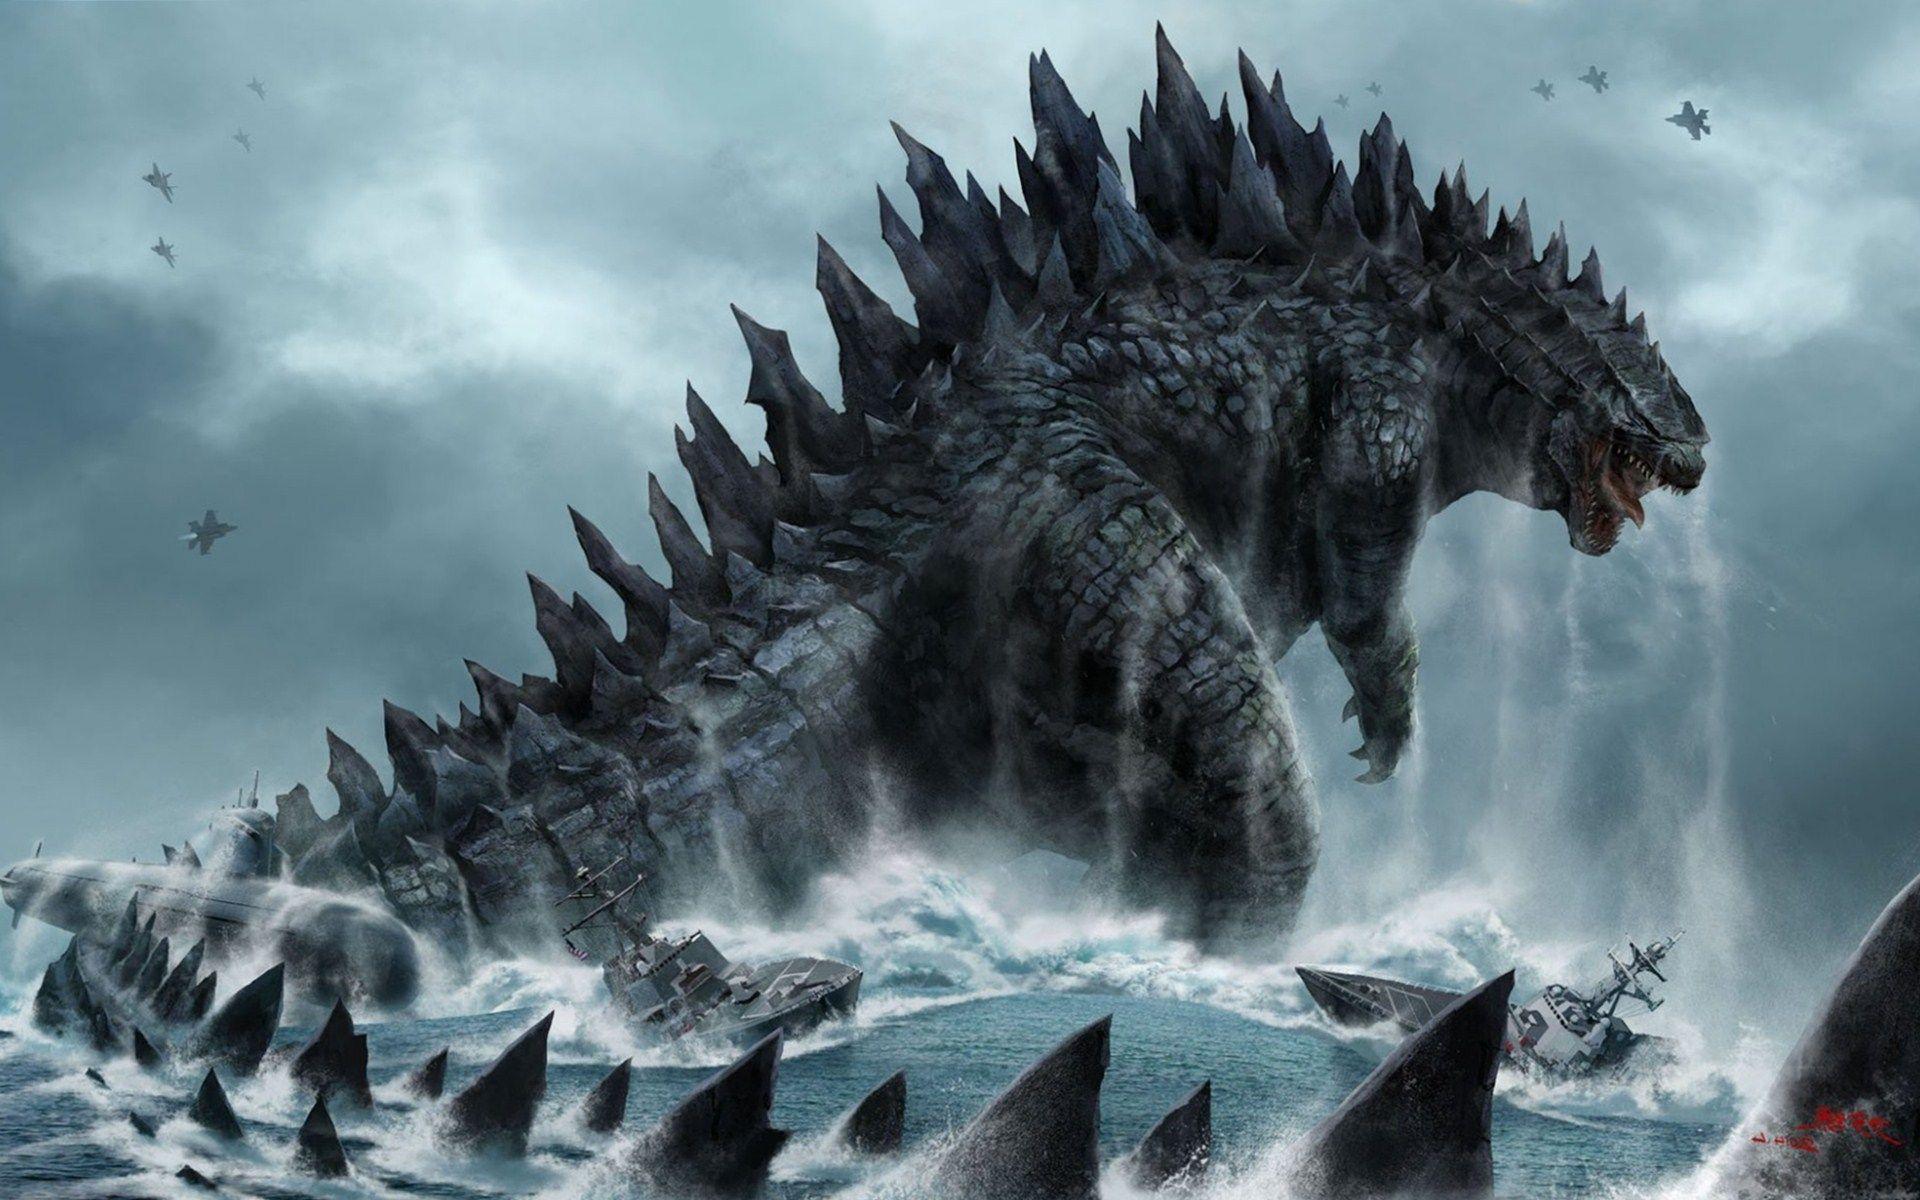 Hình nền Godzilla 1920x1200, Hình ảnh Godzilla định nghĩa HQ tuyệt vời